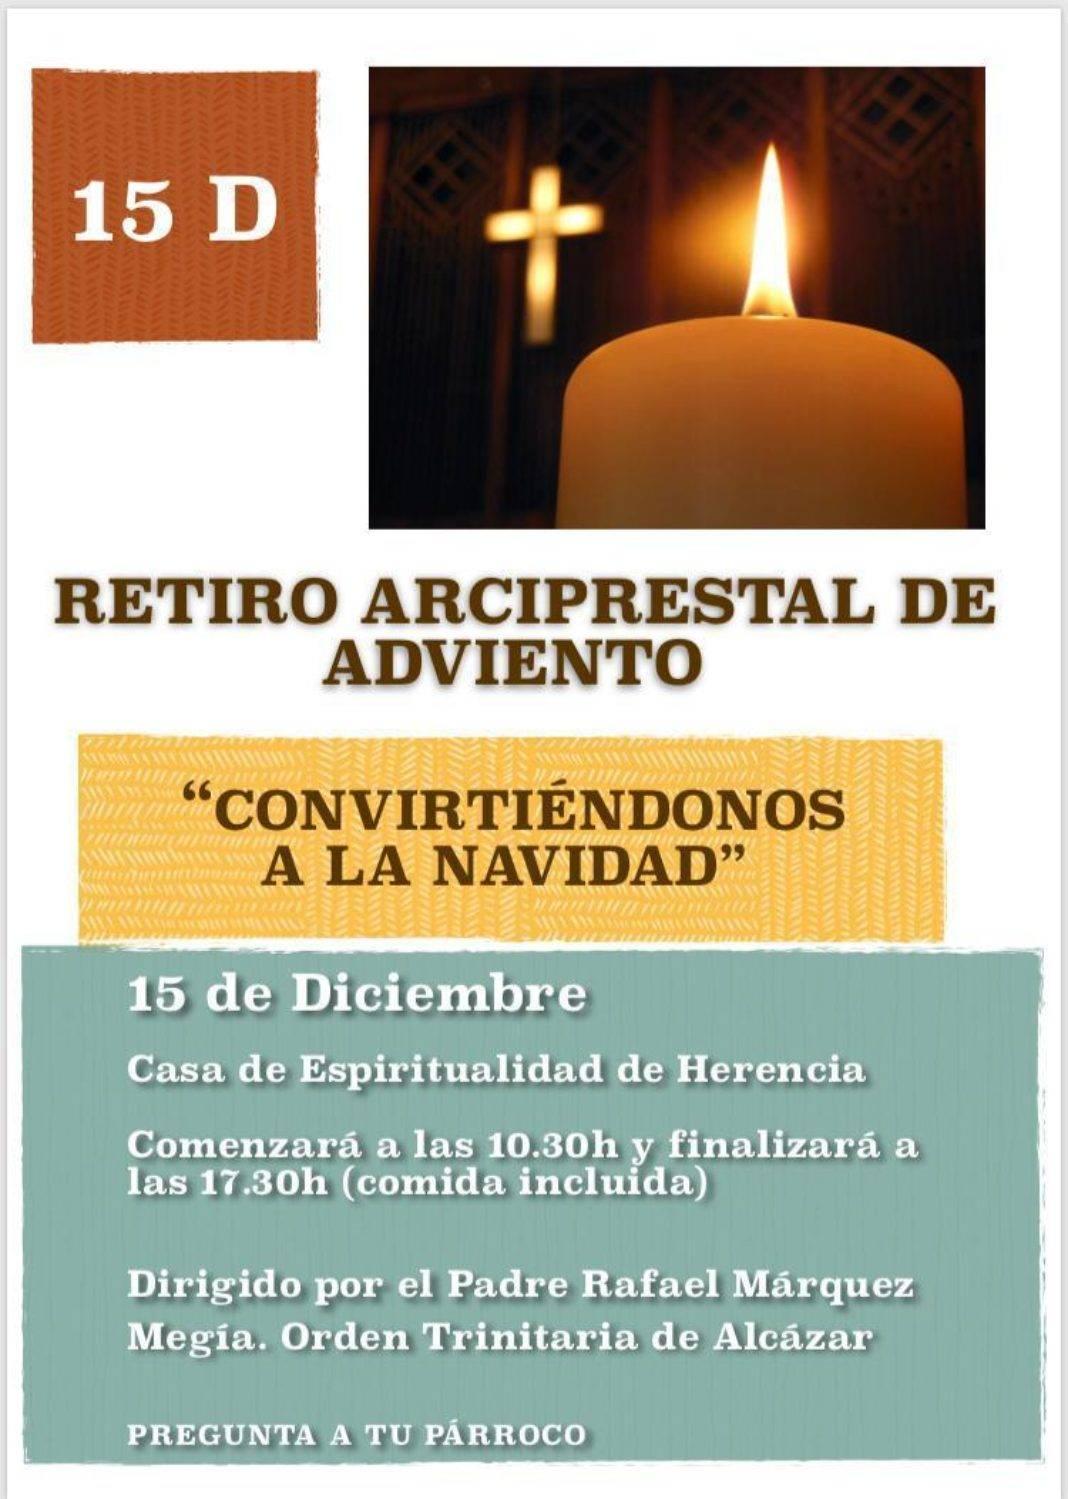 Retiro arciprestal de adviento y otras actividades parroquiales 10